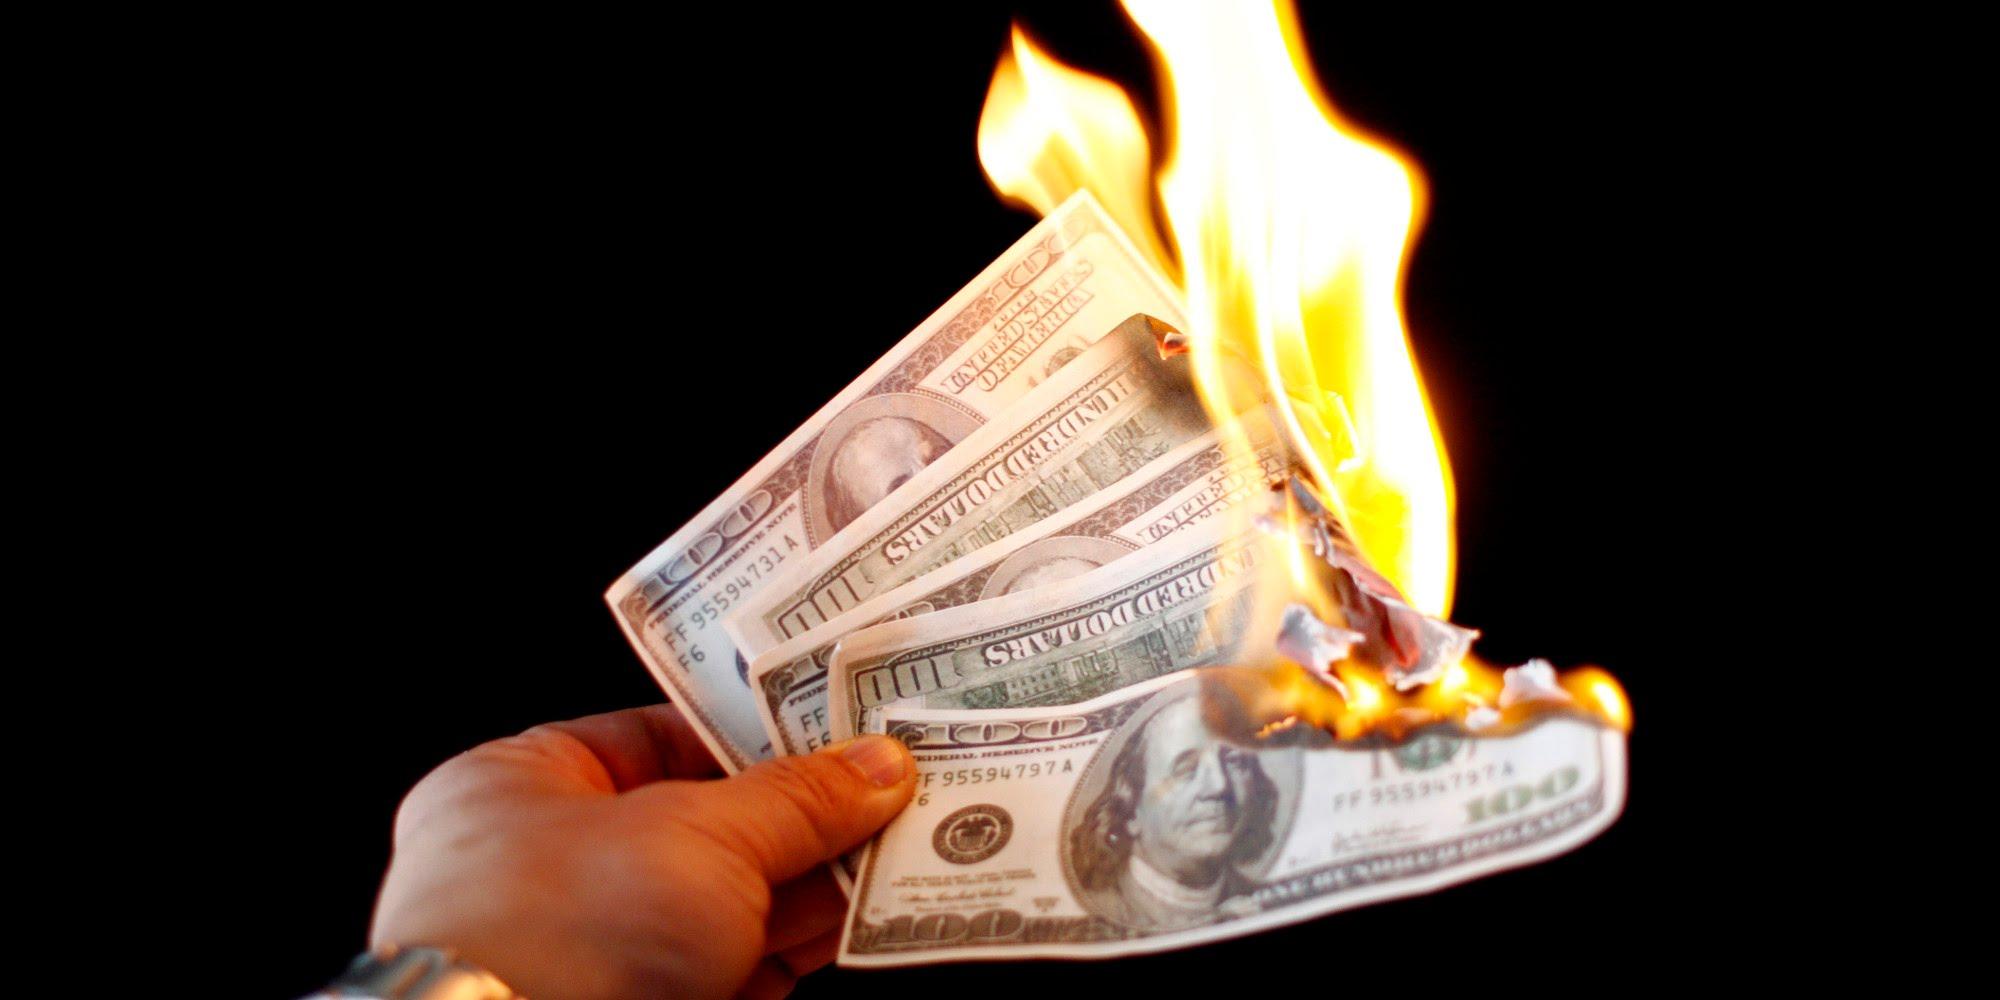 Названа первая мусульманская держава, которая откажется от доллара в расчетах с Россией